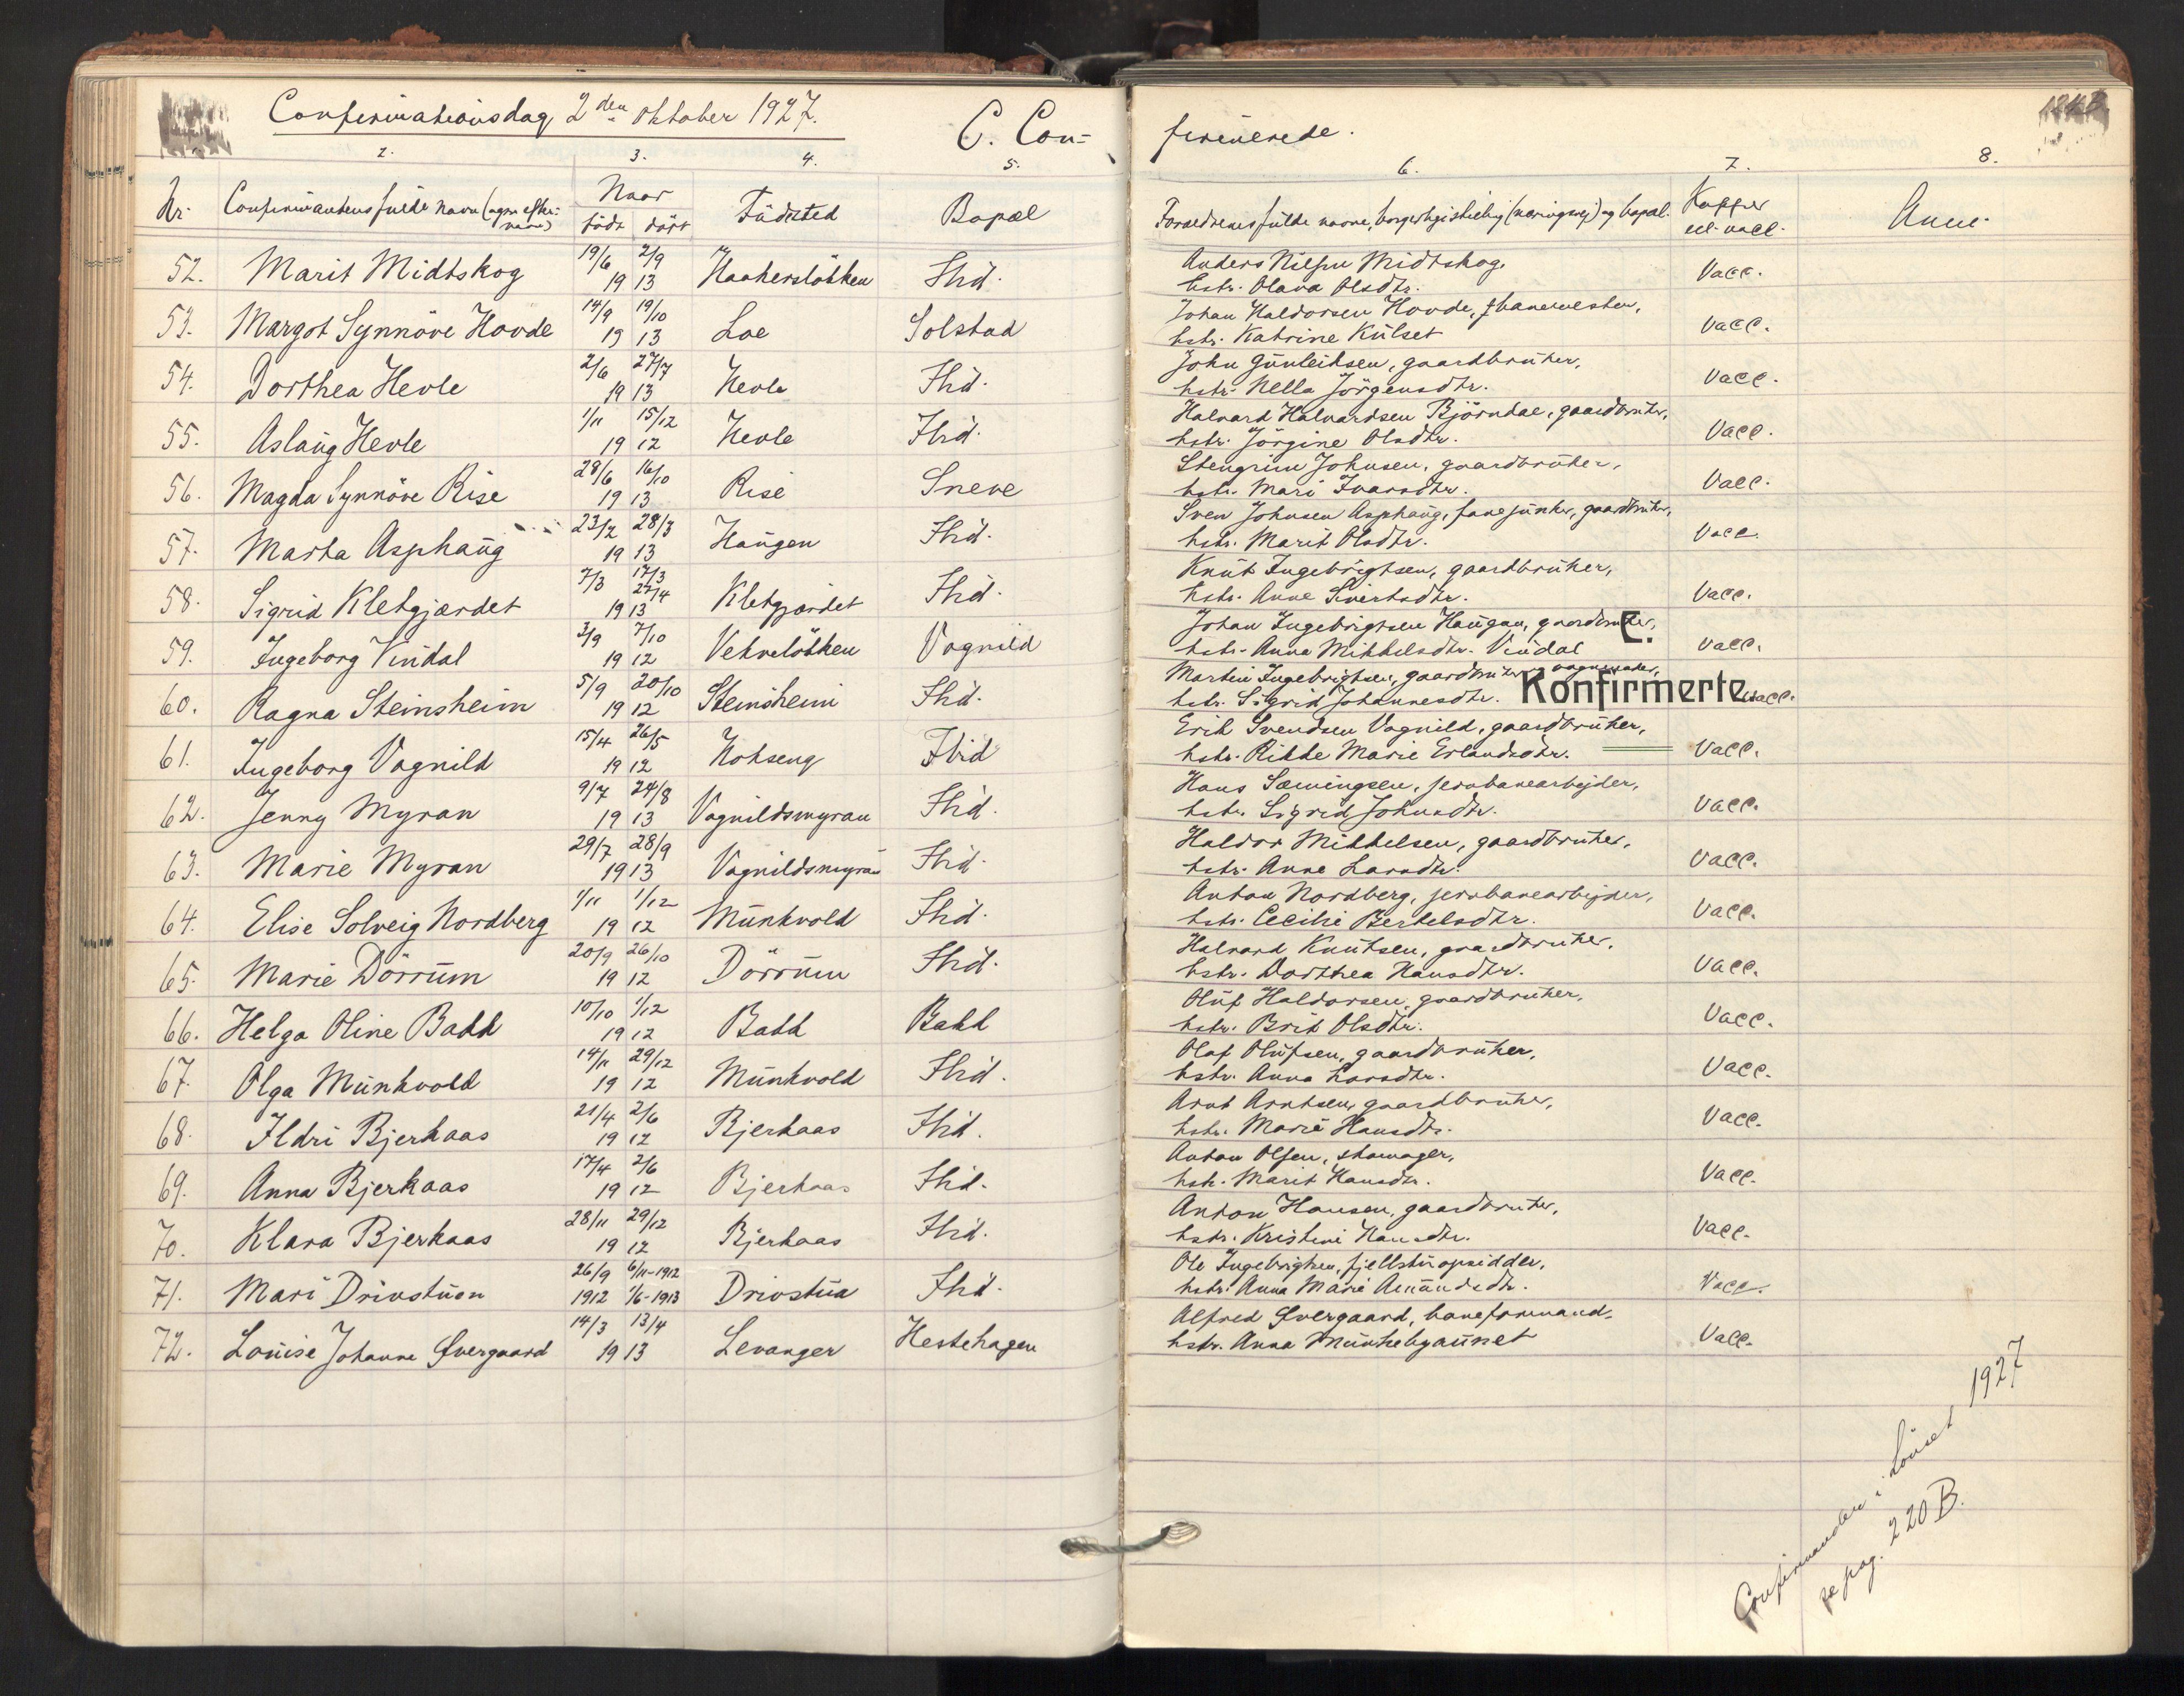 SAT, Ministerialprotokoller, klokkerbøker og fødselsregistre - Sør-Trøndelag, 678/L0909: Parish register (official) no. 678A17, 1912-1930